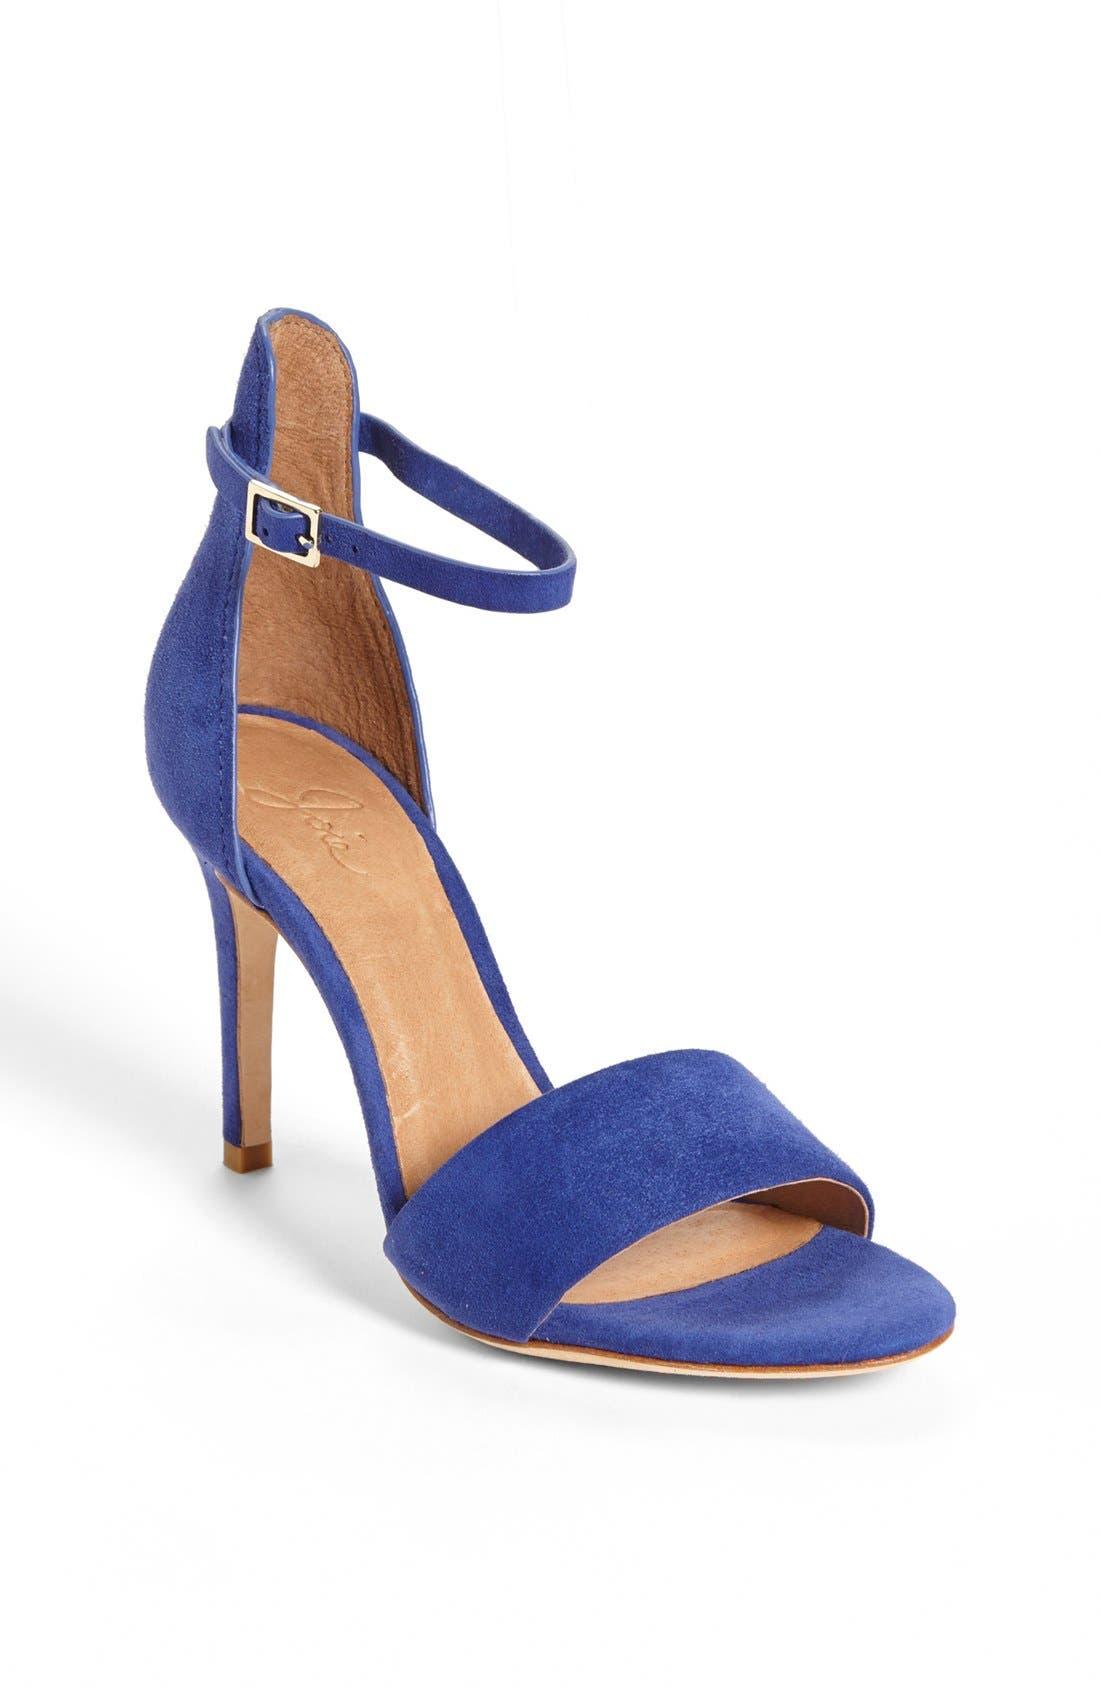 Main Image - Joie 'Jaclyn' Suede Sandal